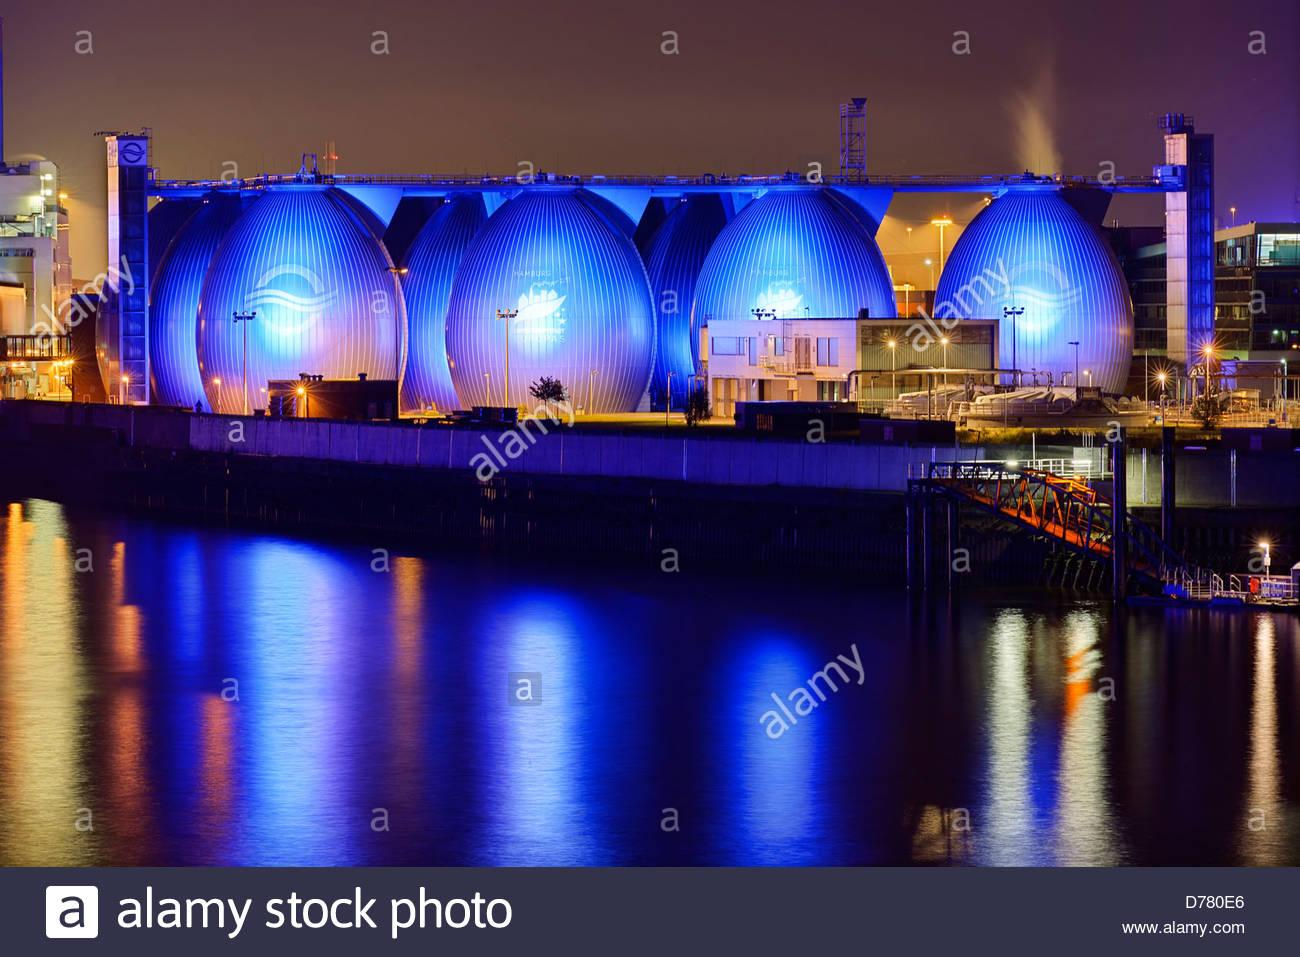 Beleuchtung Blue Port von Michael Batz, Kläranlage Köhlbrandhöft in Steinwerder, Hamburg, Deutschland, Stockbild